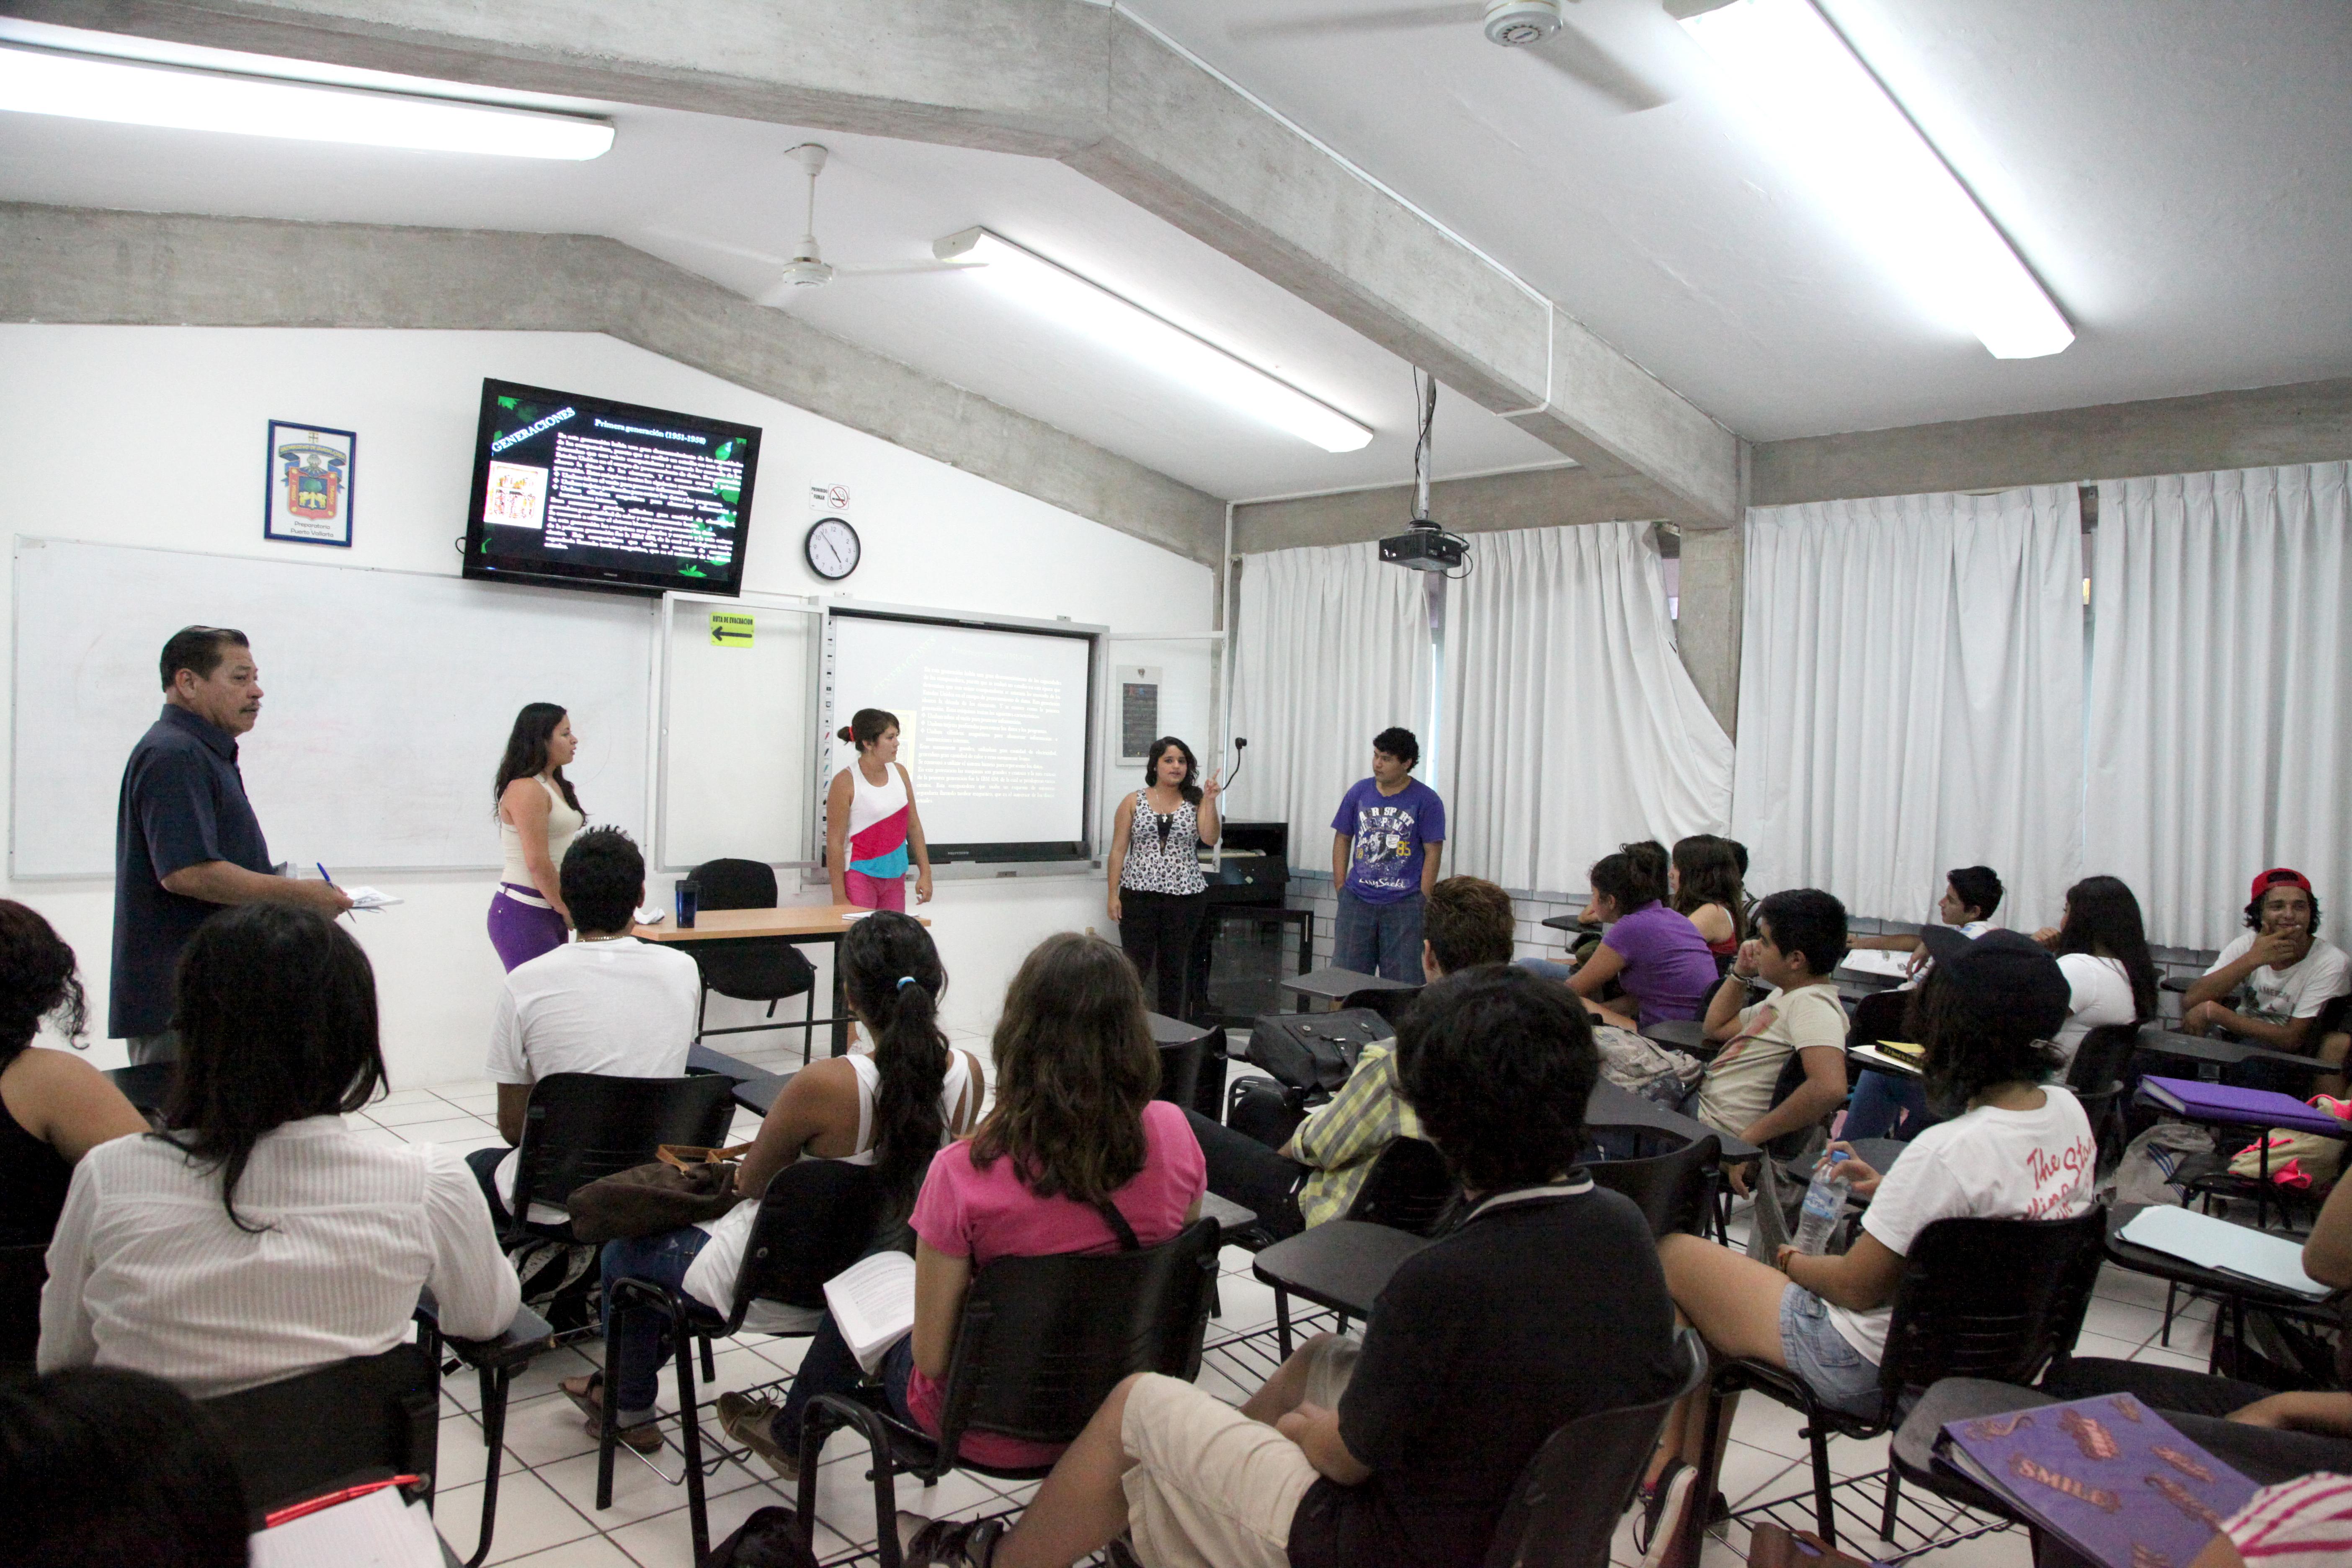 Personal de la Coordinación de Innovación Educativa y Pregrado (CIEP), de la Coordinación General Académica, informando a los bachilleres sobre la propuesta educativa vigente en la UdeG en educación superior.